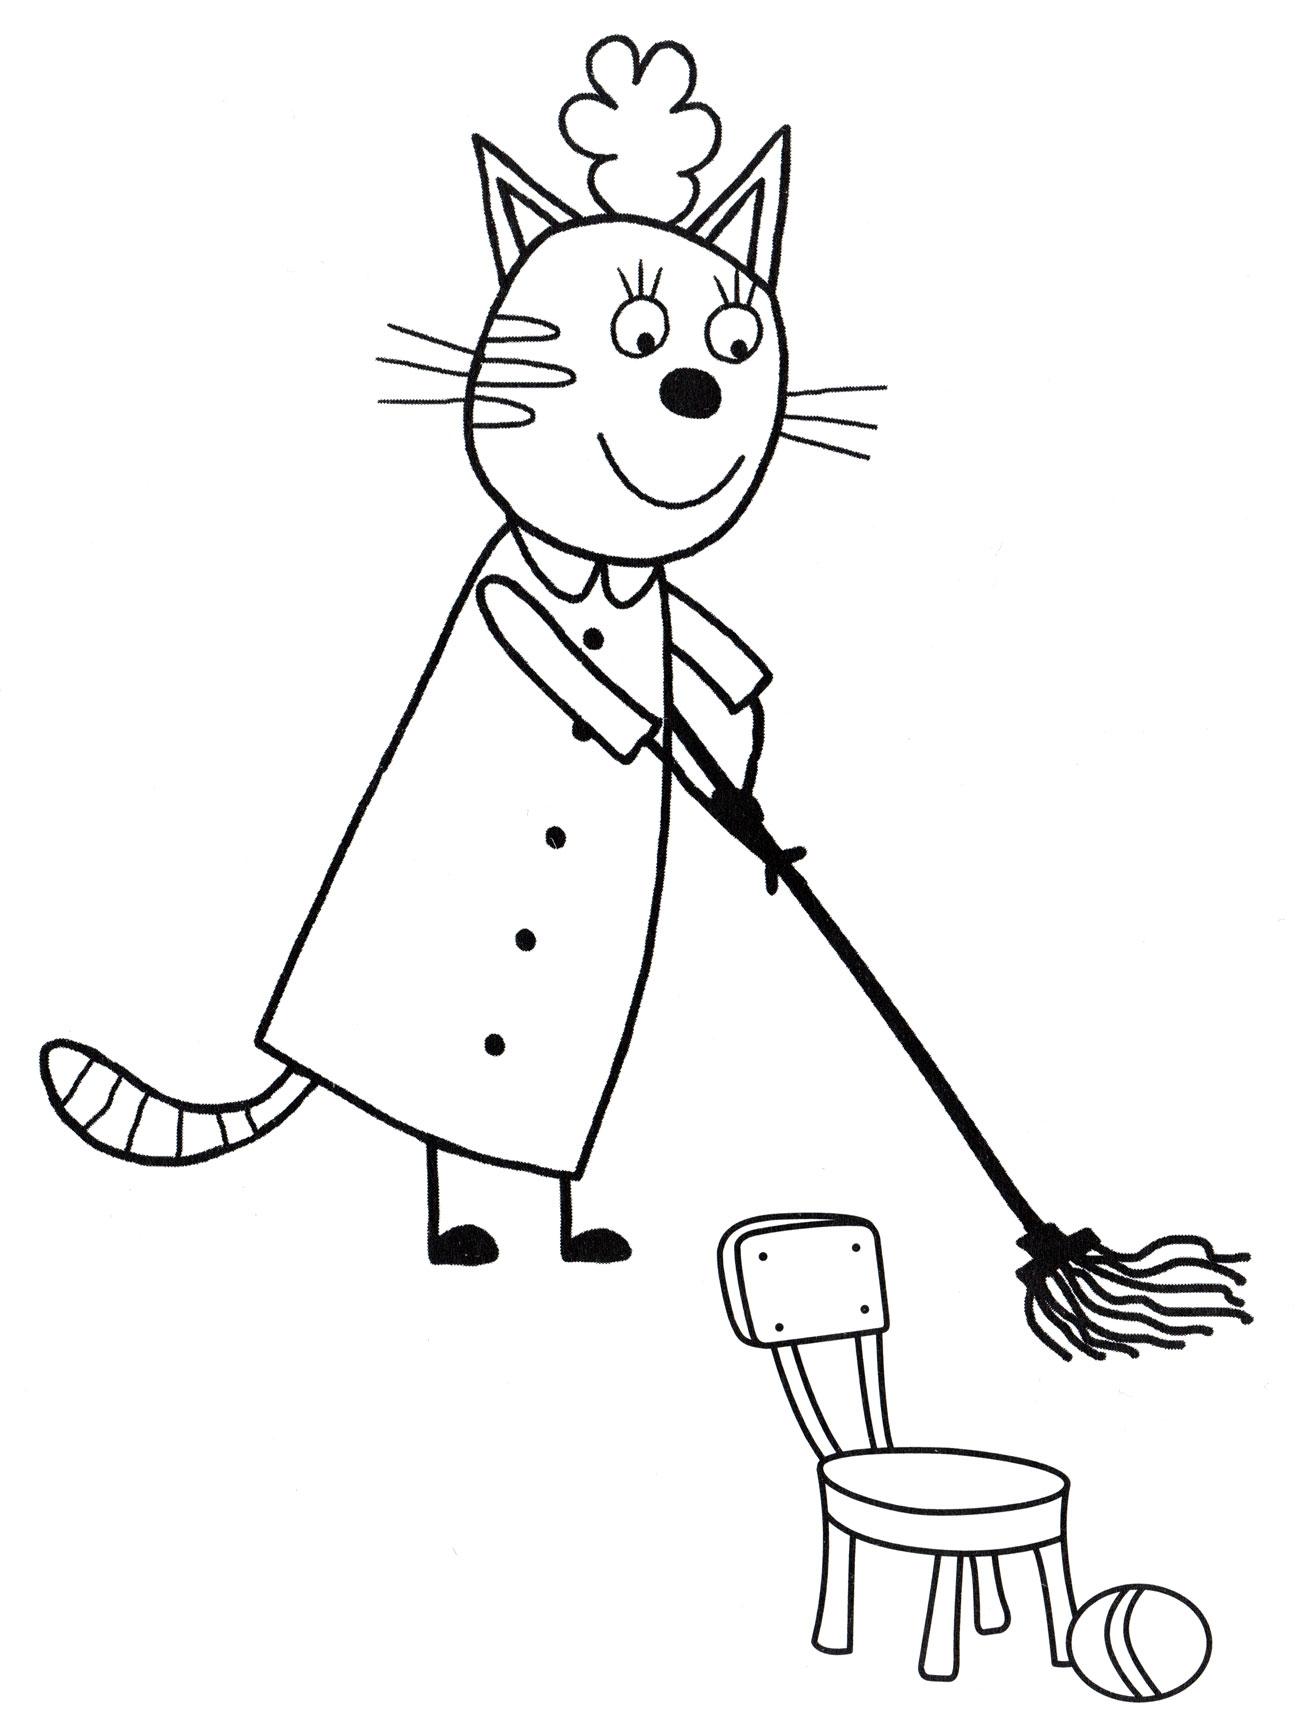 Раскраска Мама Кисуля убирается | Раскраски Три кота